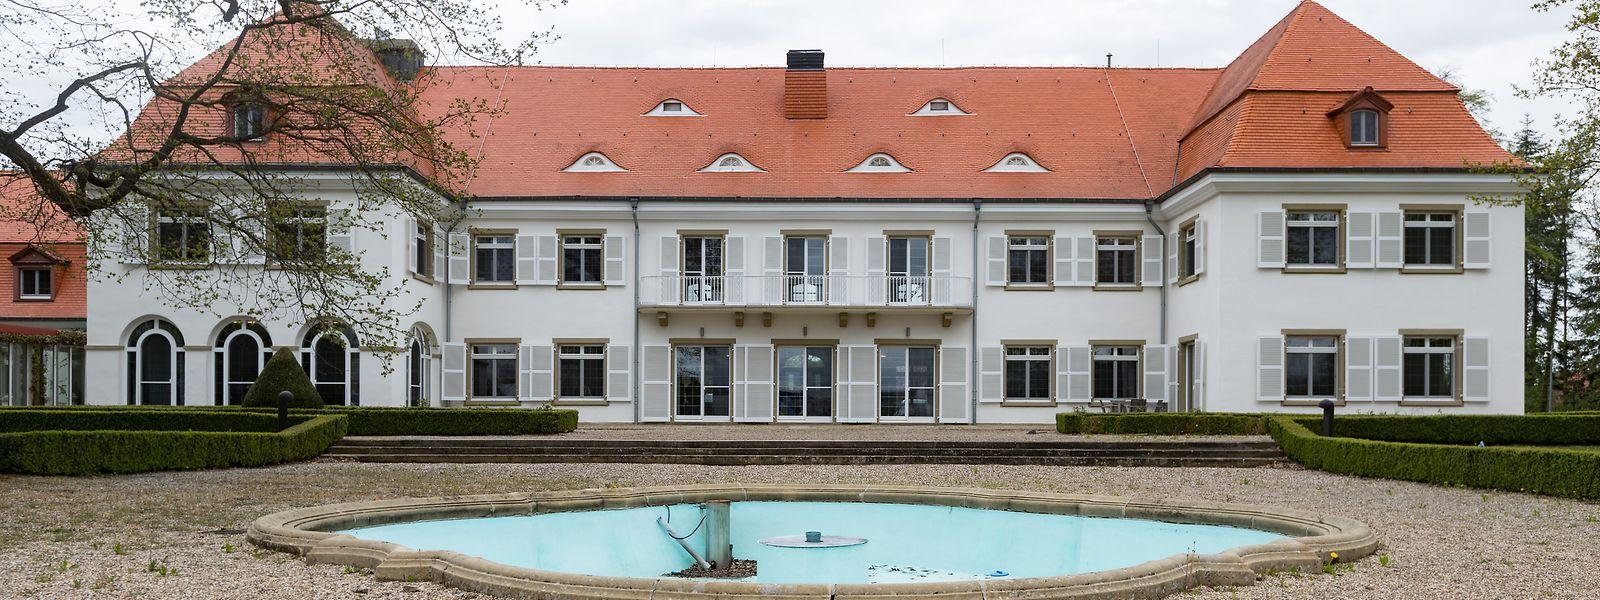 Das Schloss wurde zwischen 1912 und 1919 nach den Plänen des deutschen Architekten Paul Schultze-Naumburg errichtet.